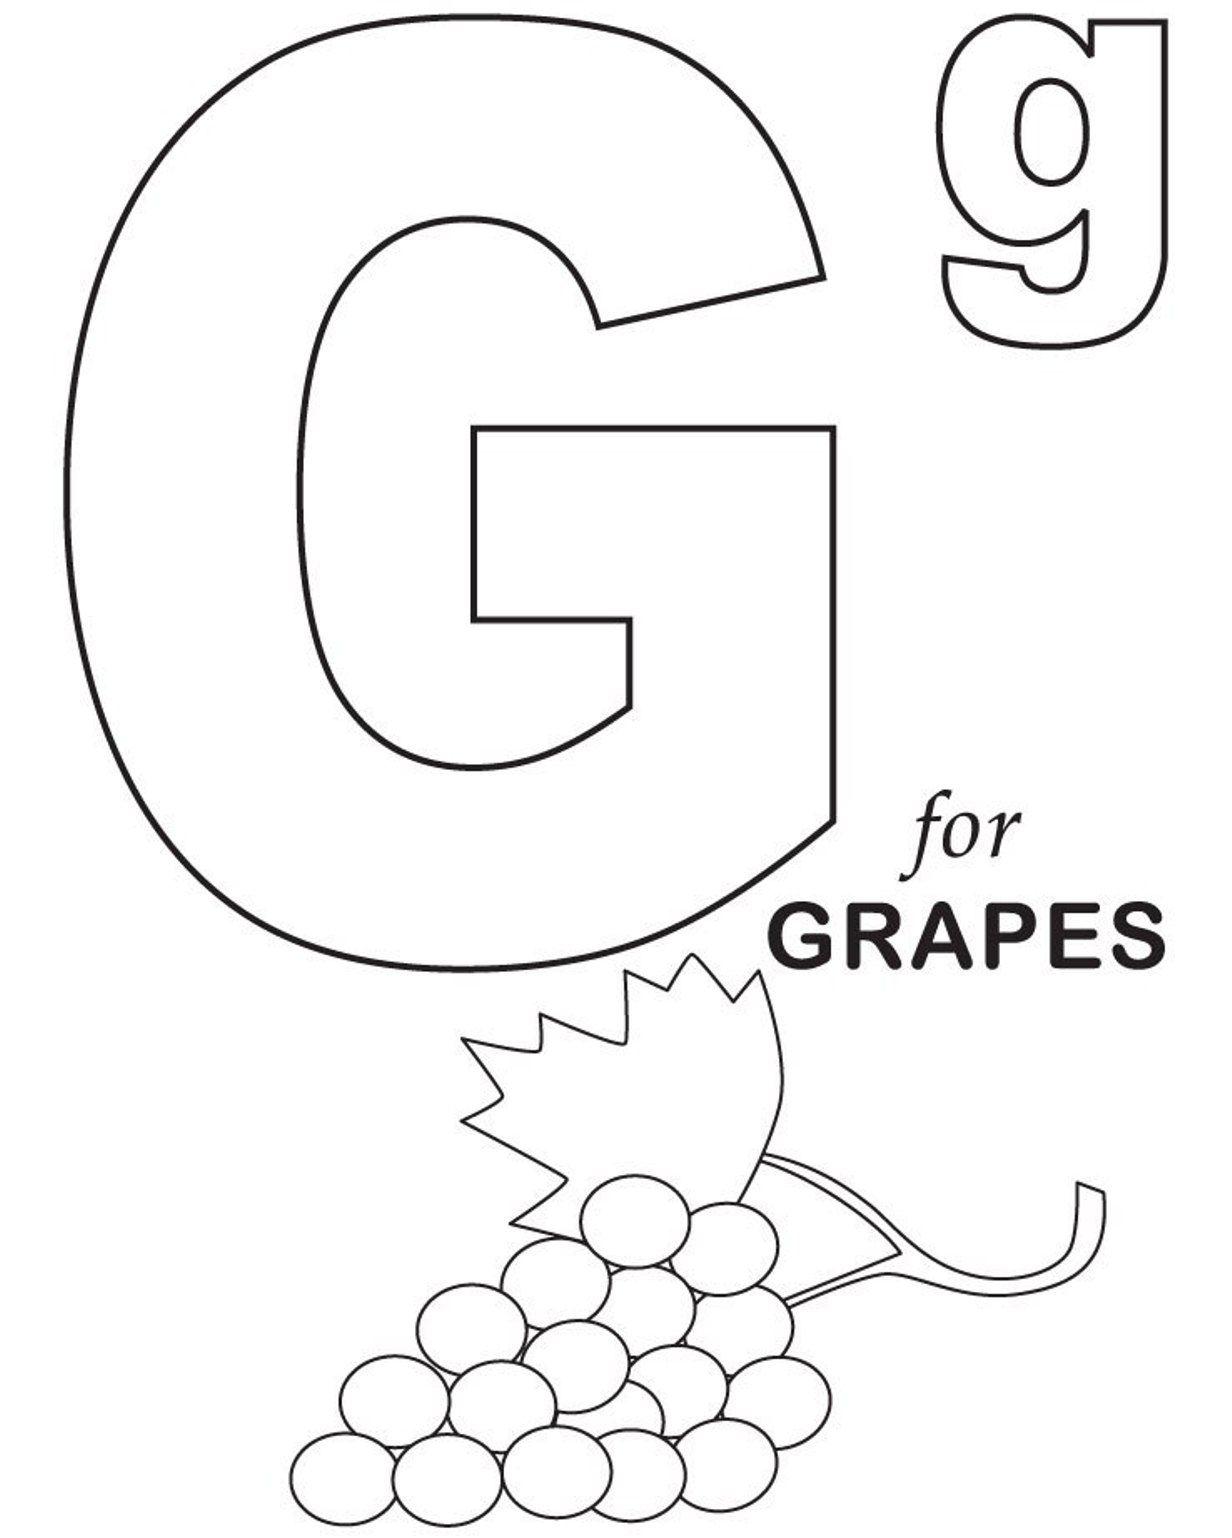 Grapes fruit coloring pages alphabet